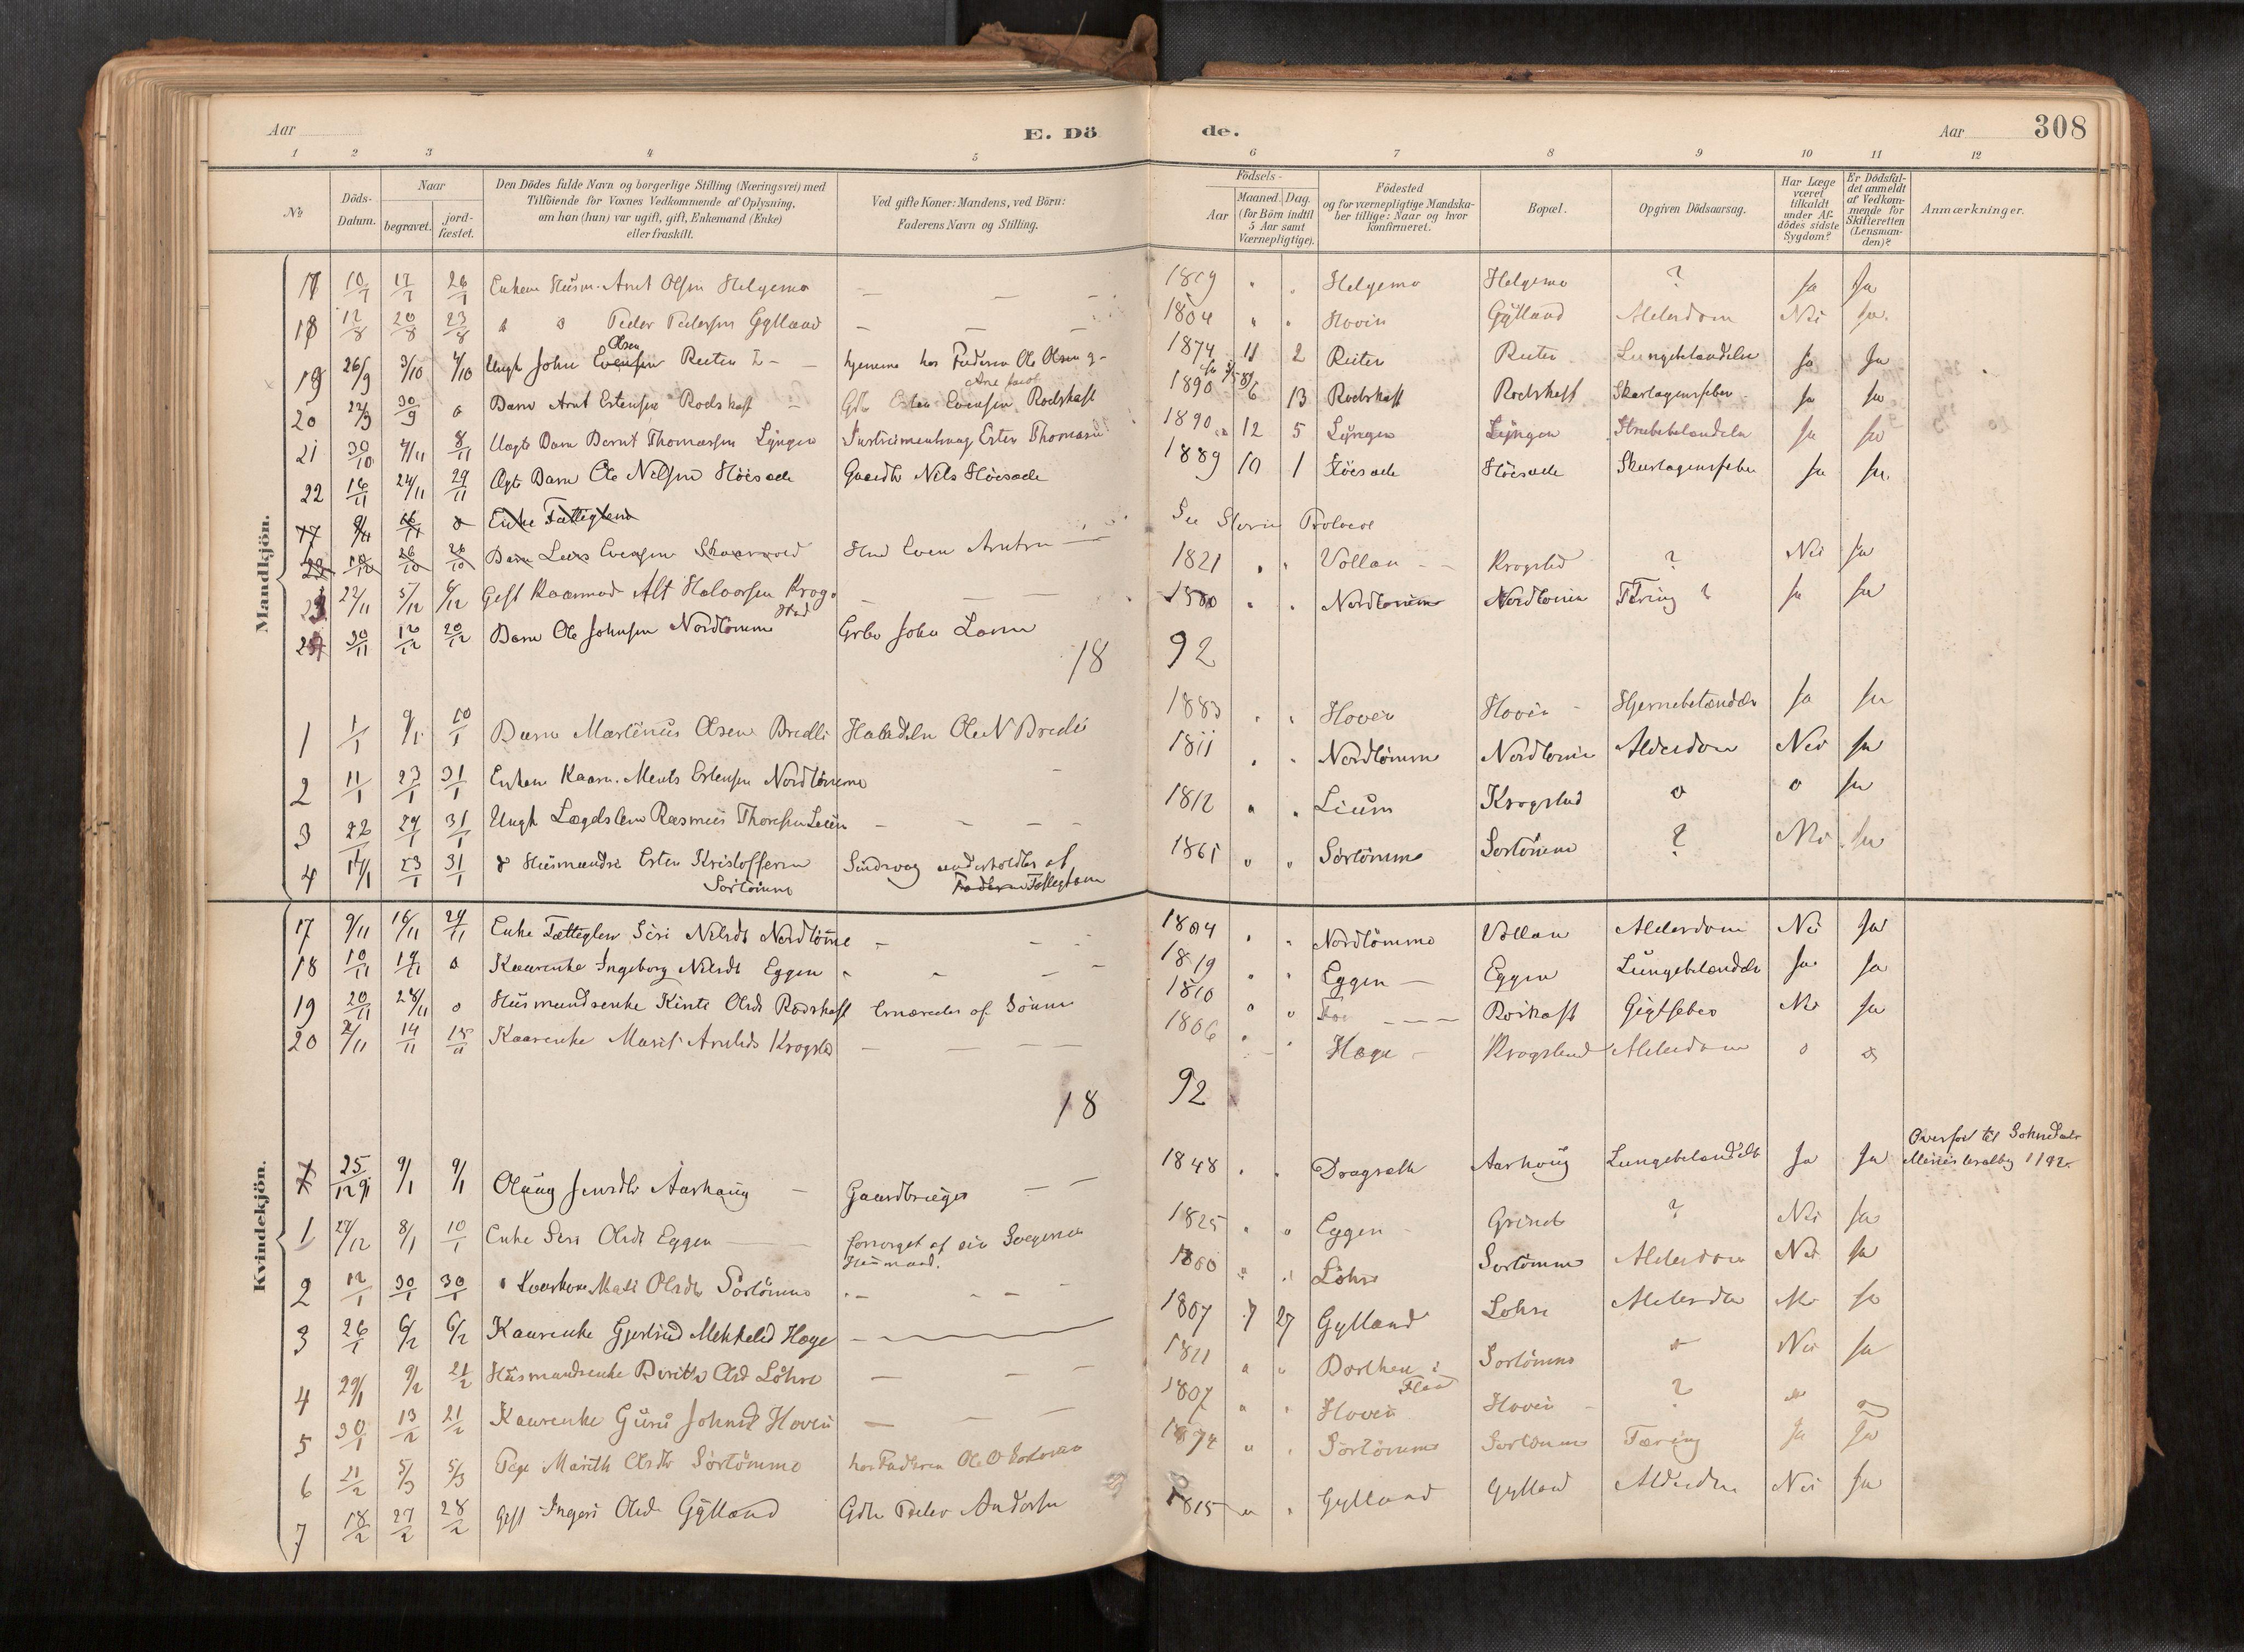 SAT, Ministerialprotokoller, klokkerbøker og fødselsregistre - Sør-Trøndelag, 692/L1105b: Ministerialbok nr. 692A06, 1891-1934, s. 308